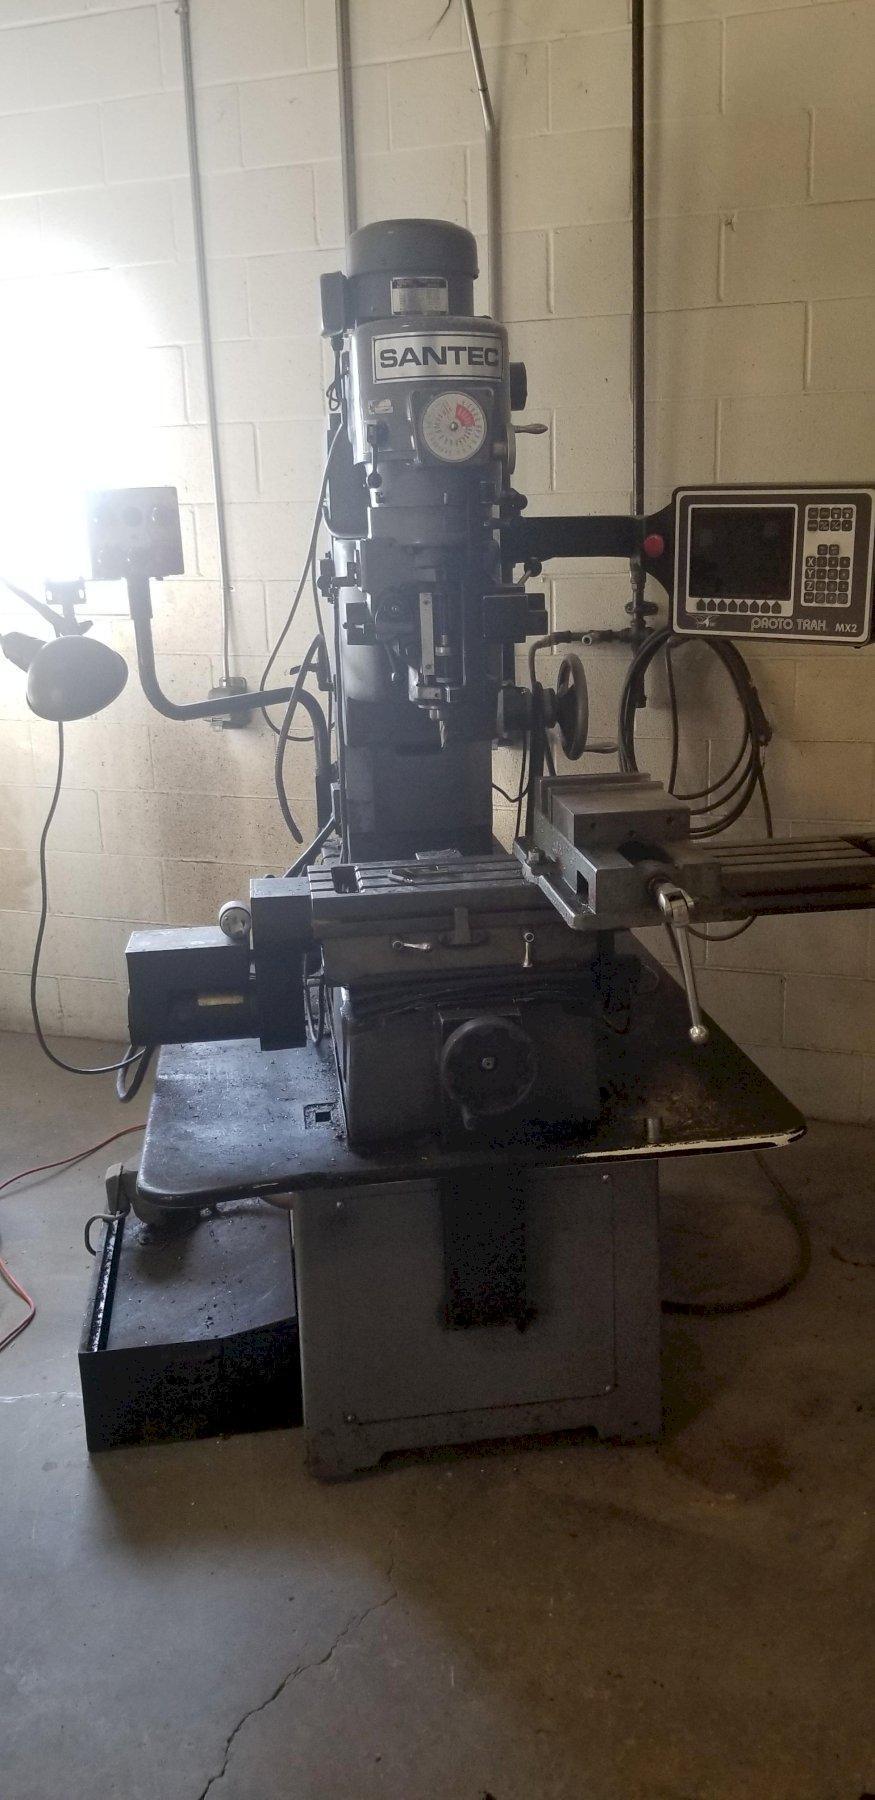 """42"""" X 9"""" SANTEC VERTICAL MILL, MODEL RB-10, 3 AXIS PROTO TRAK MX2 DRO, 1991"""